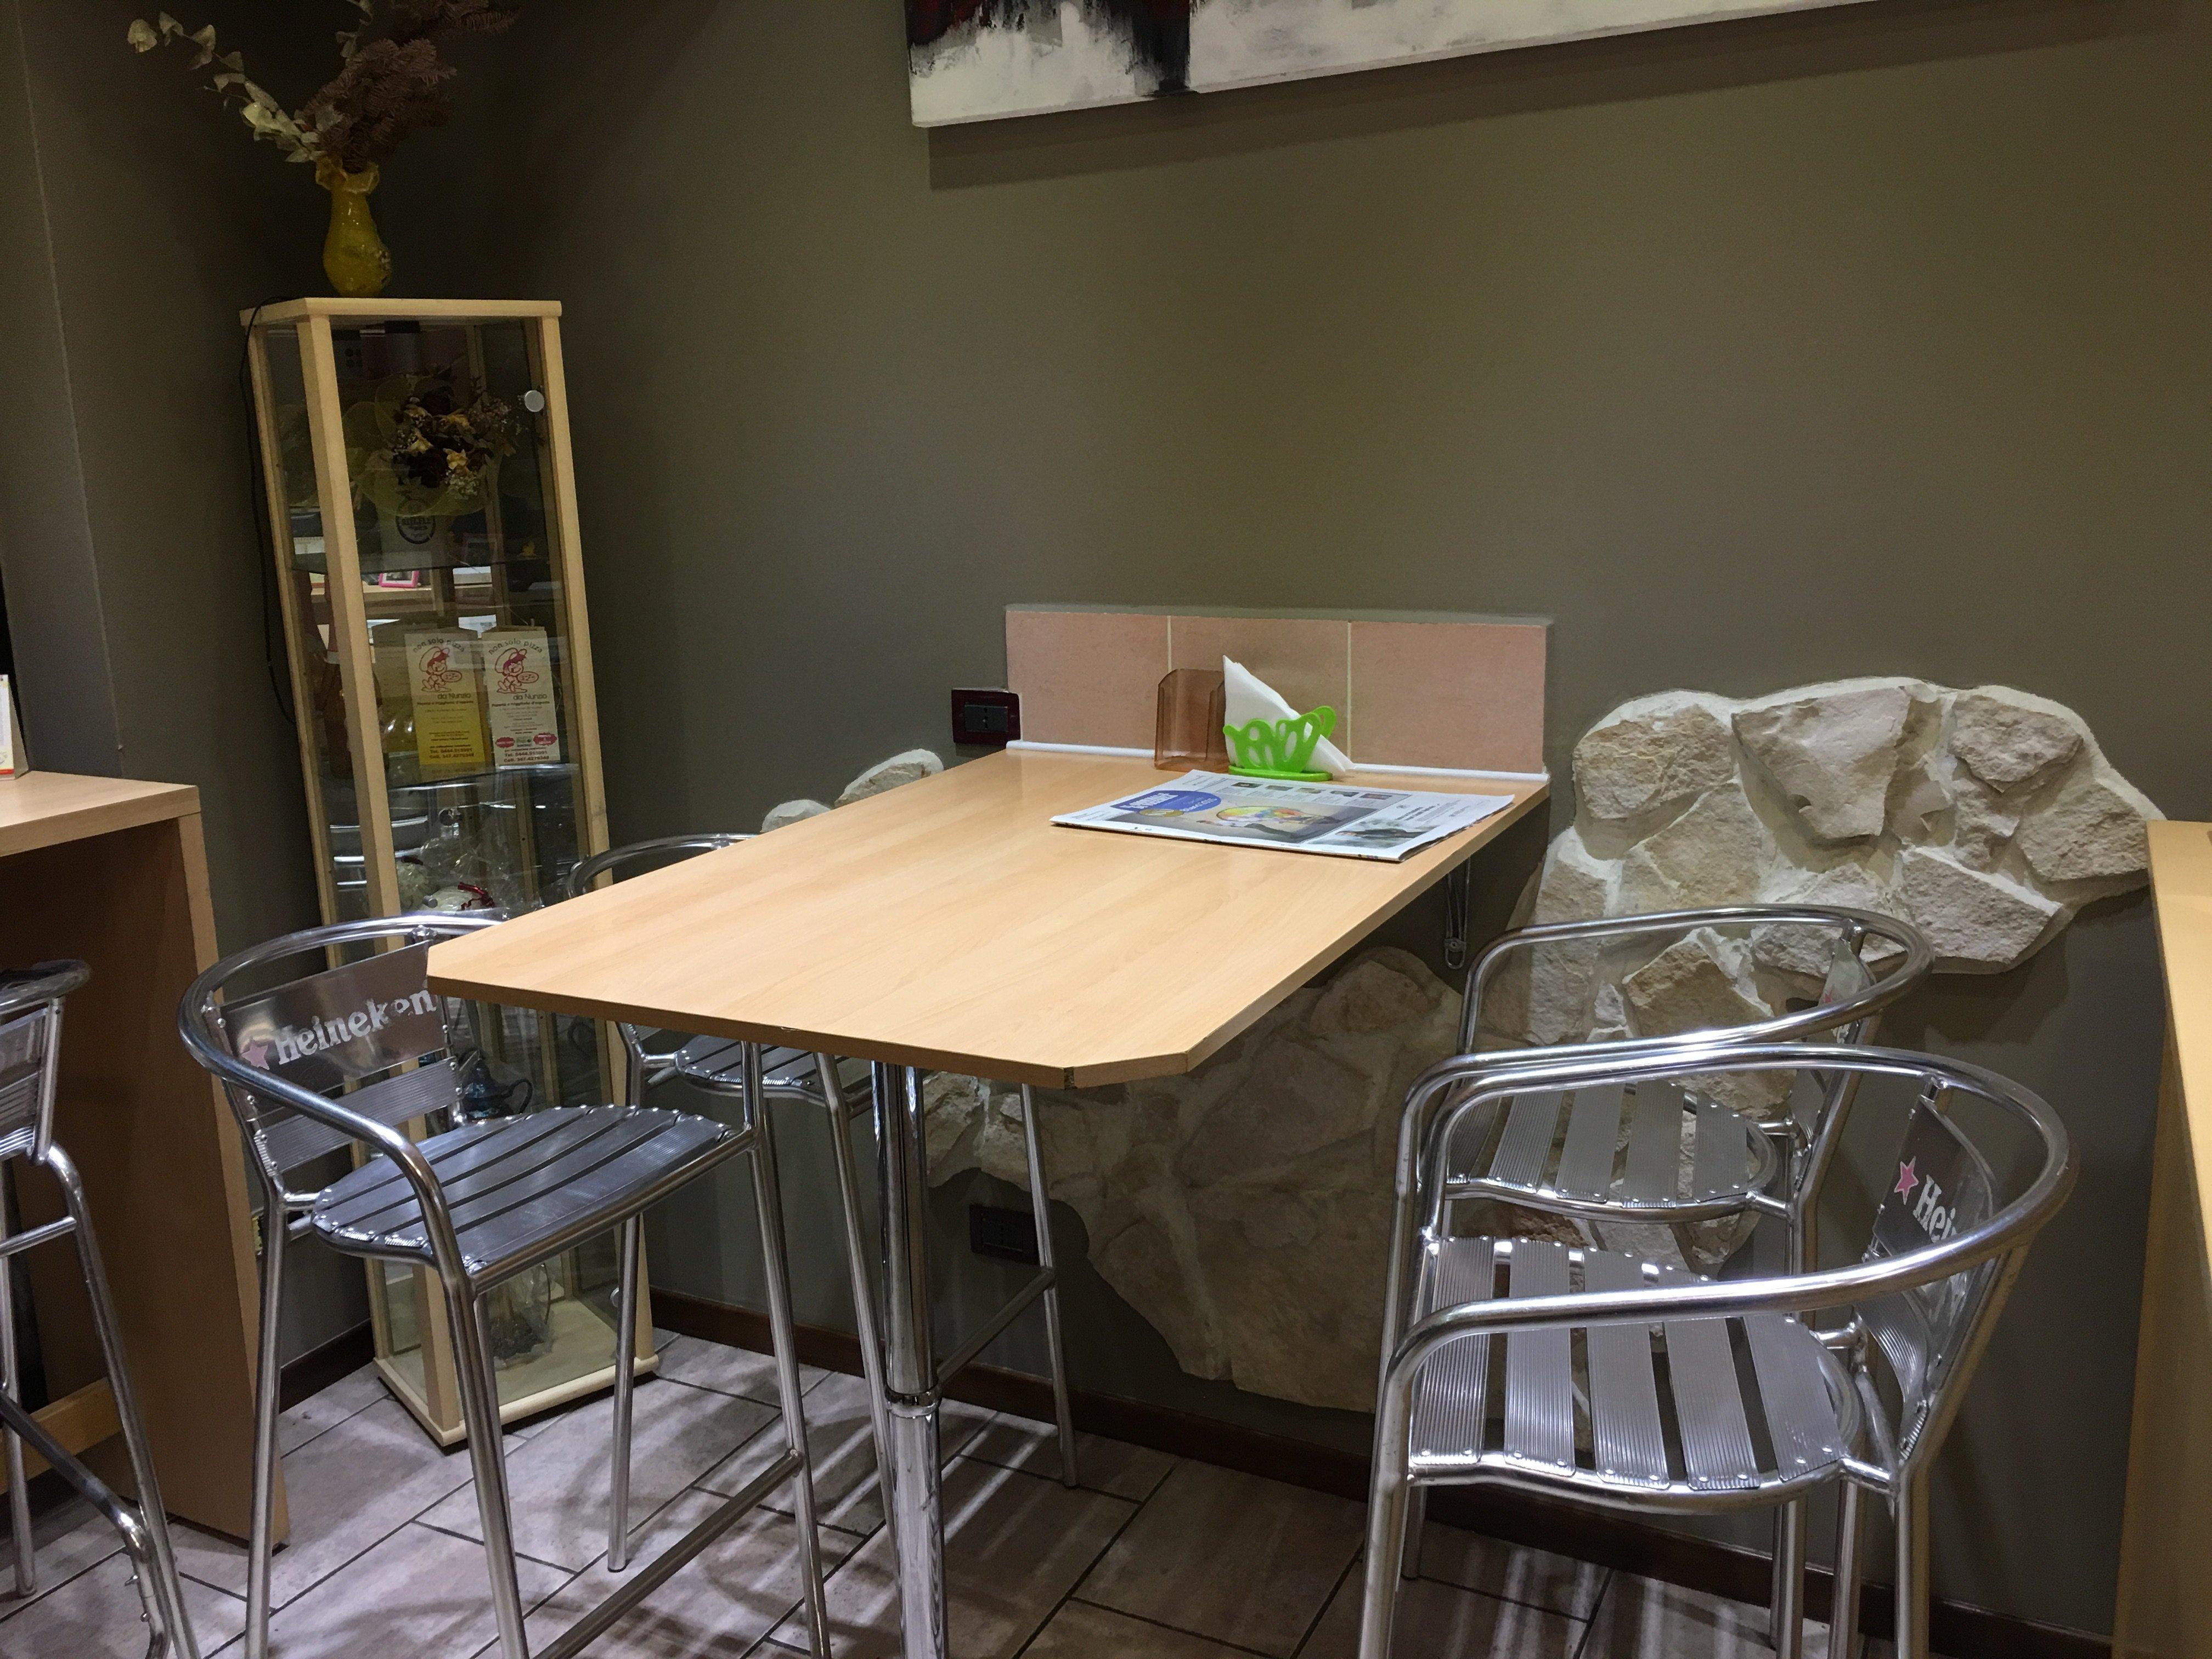 tavolo in pizzeria